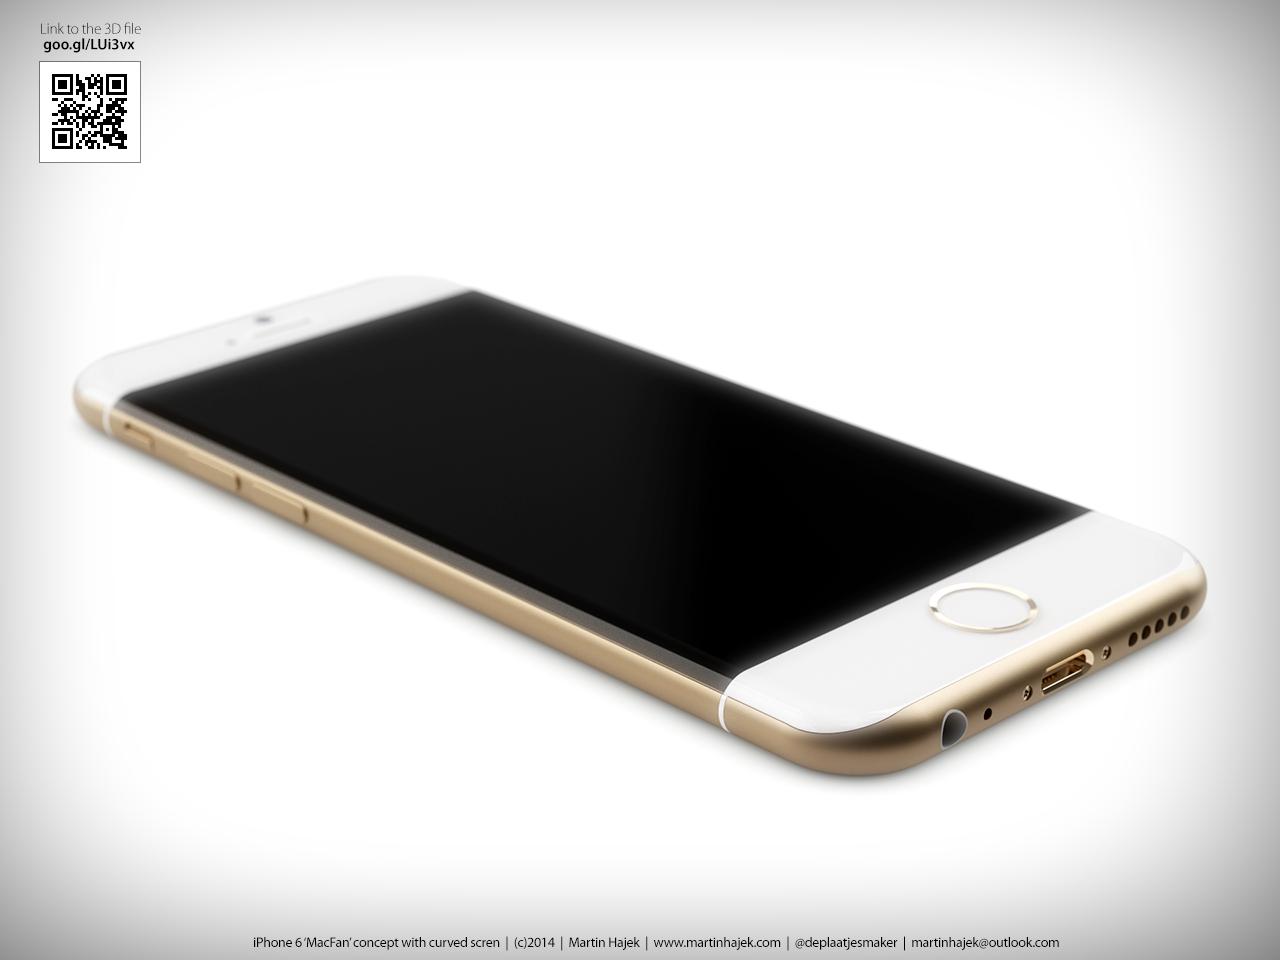 conceito-de-iphone-6-com-tela-curva-5